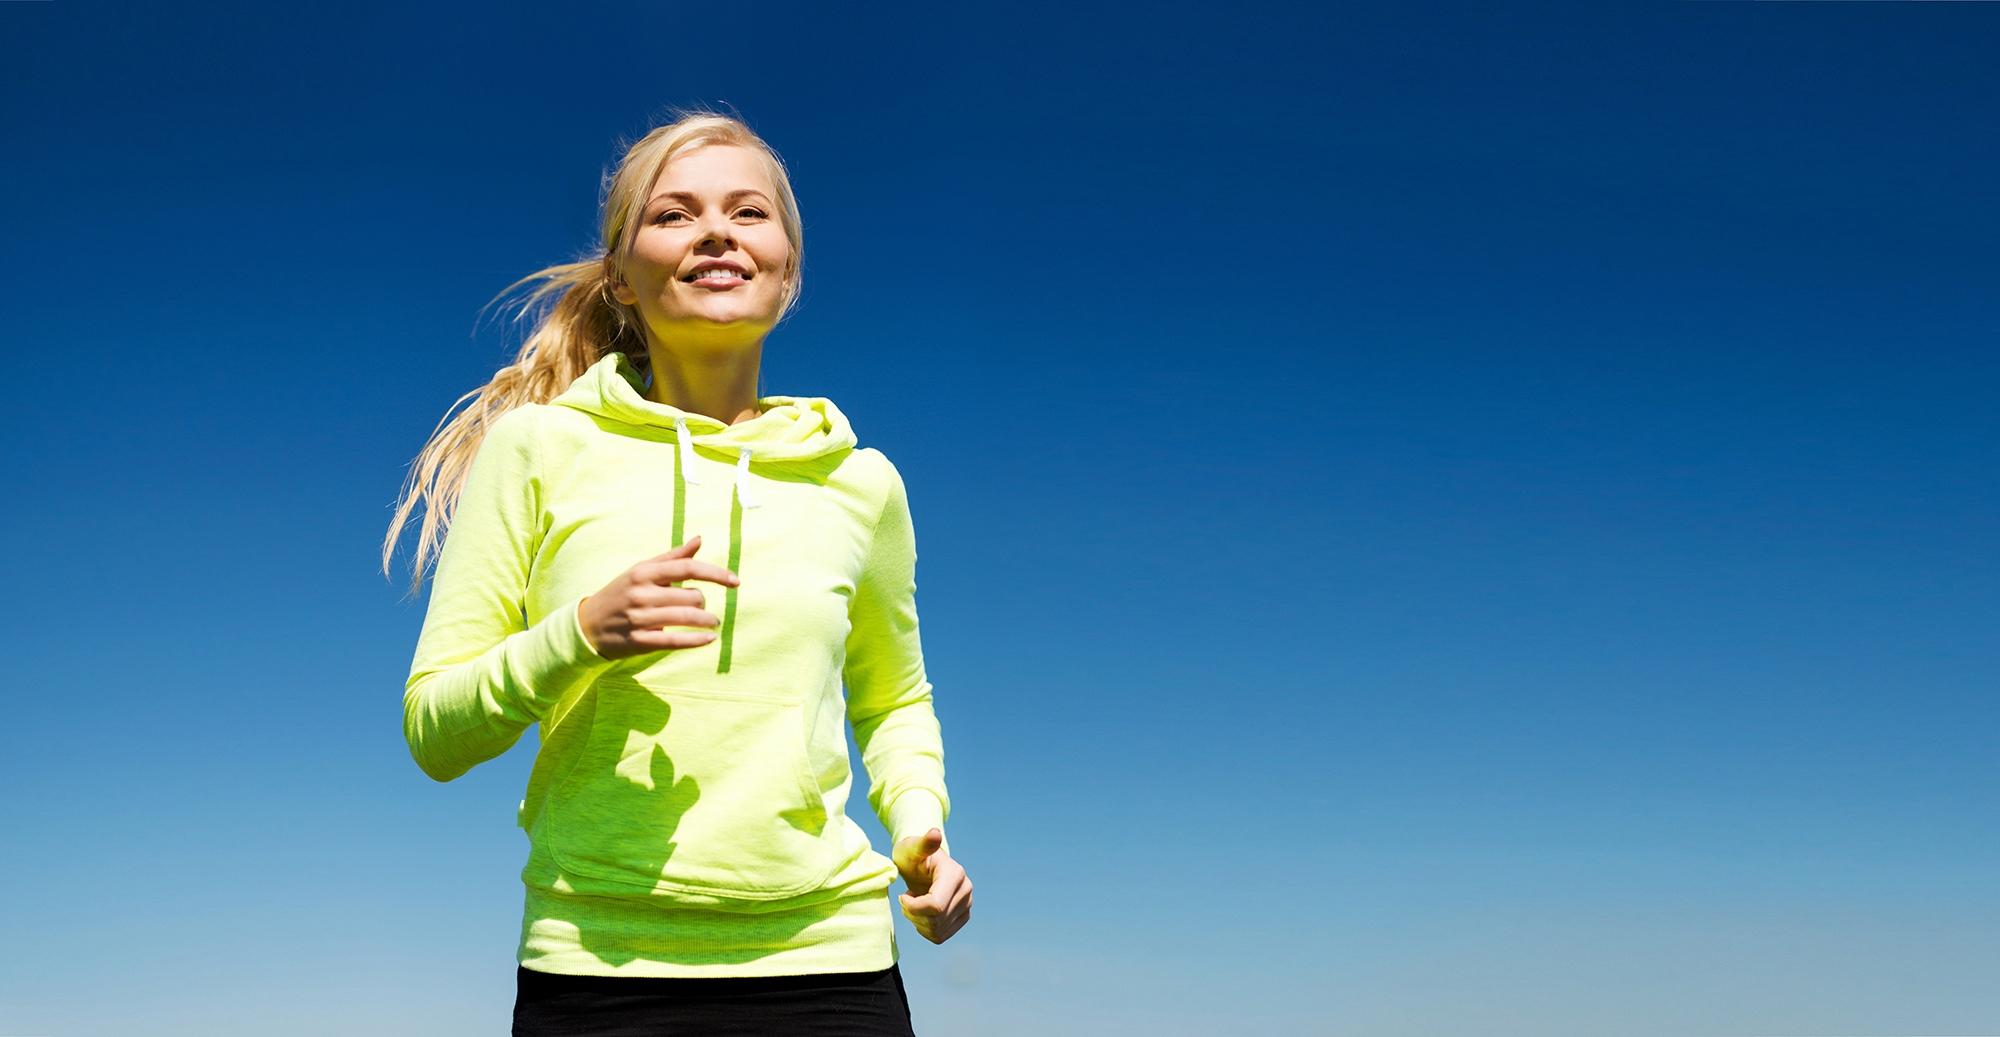 Female_Running_Vitamin_B12